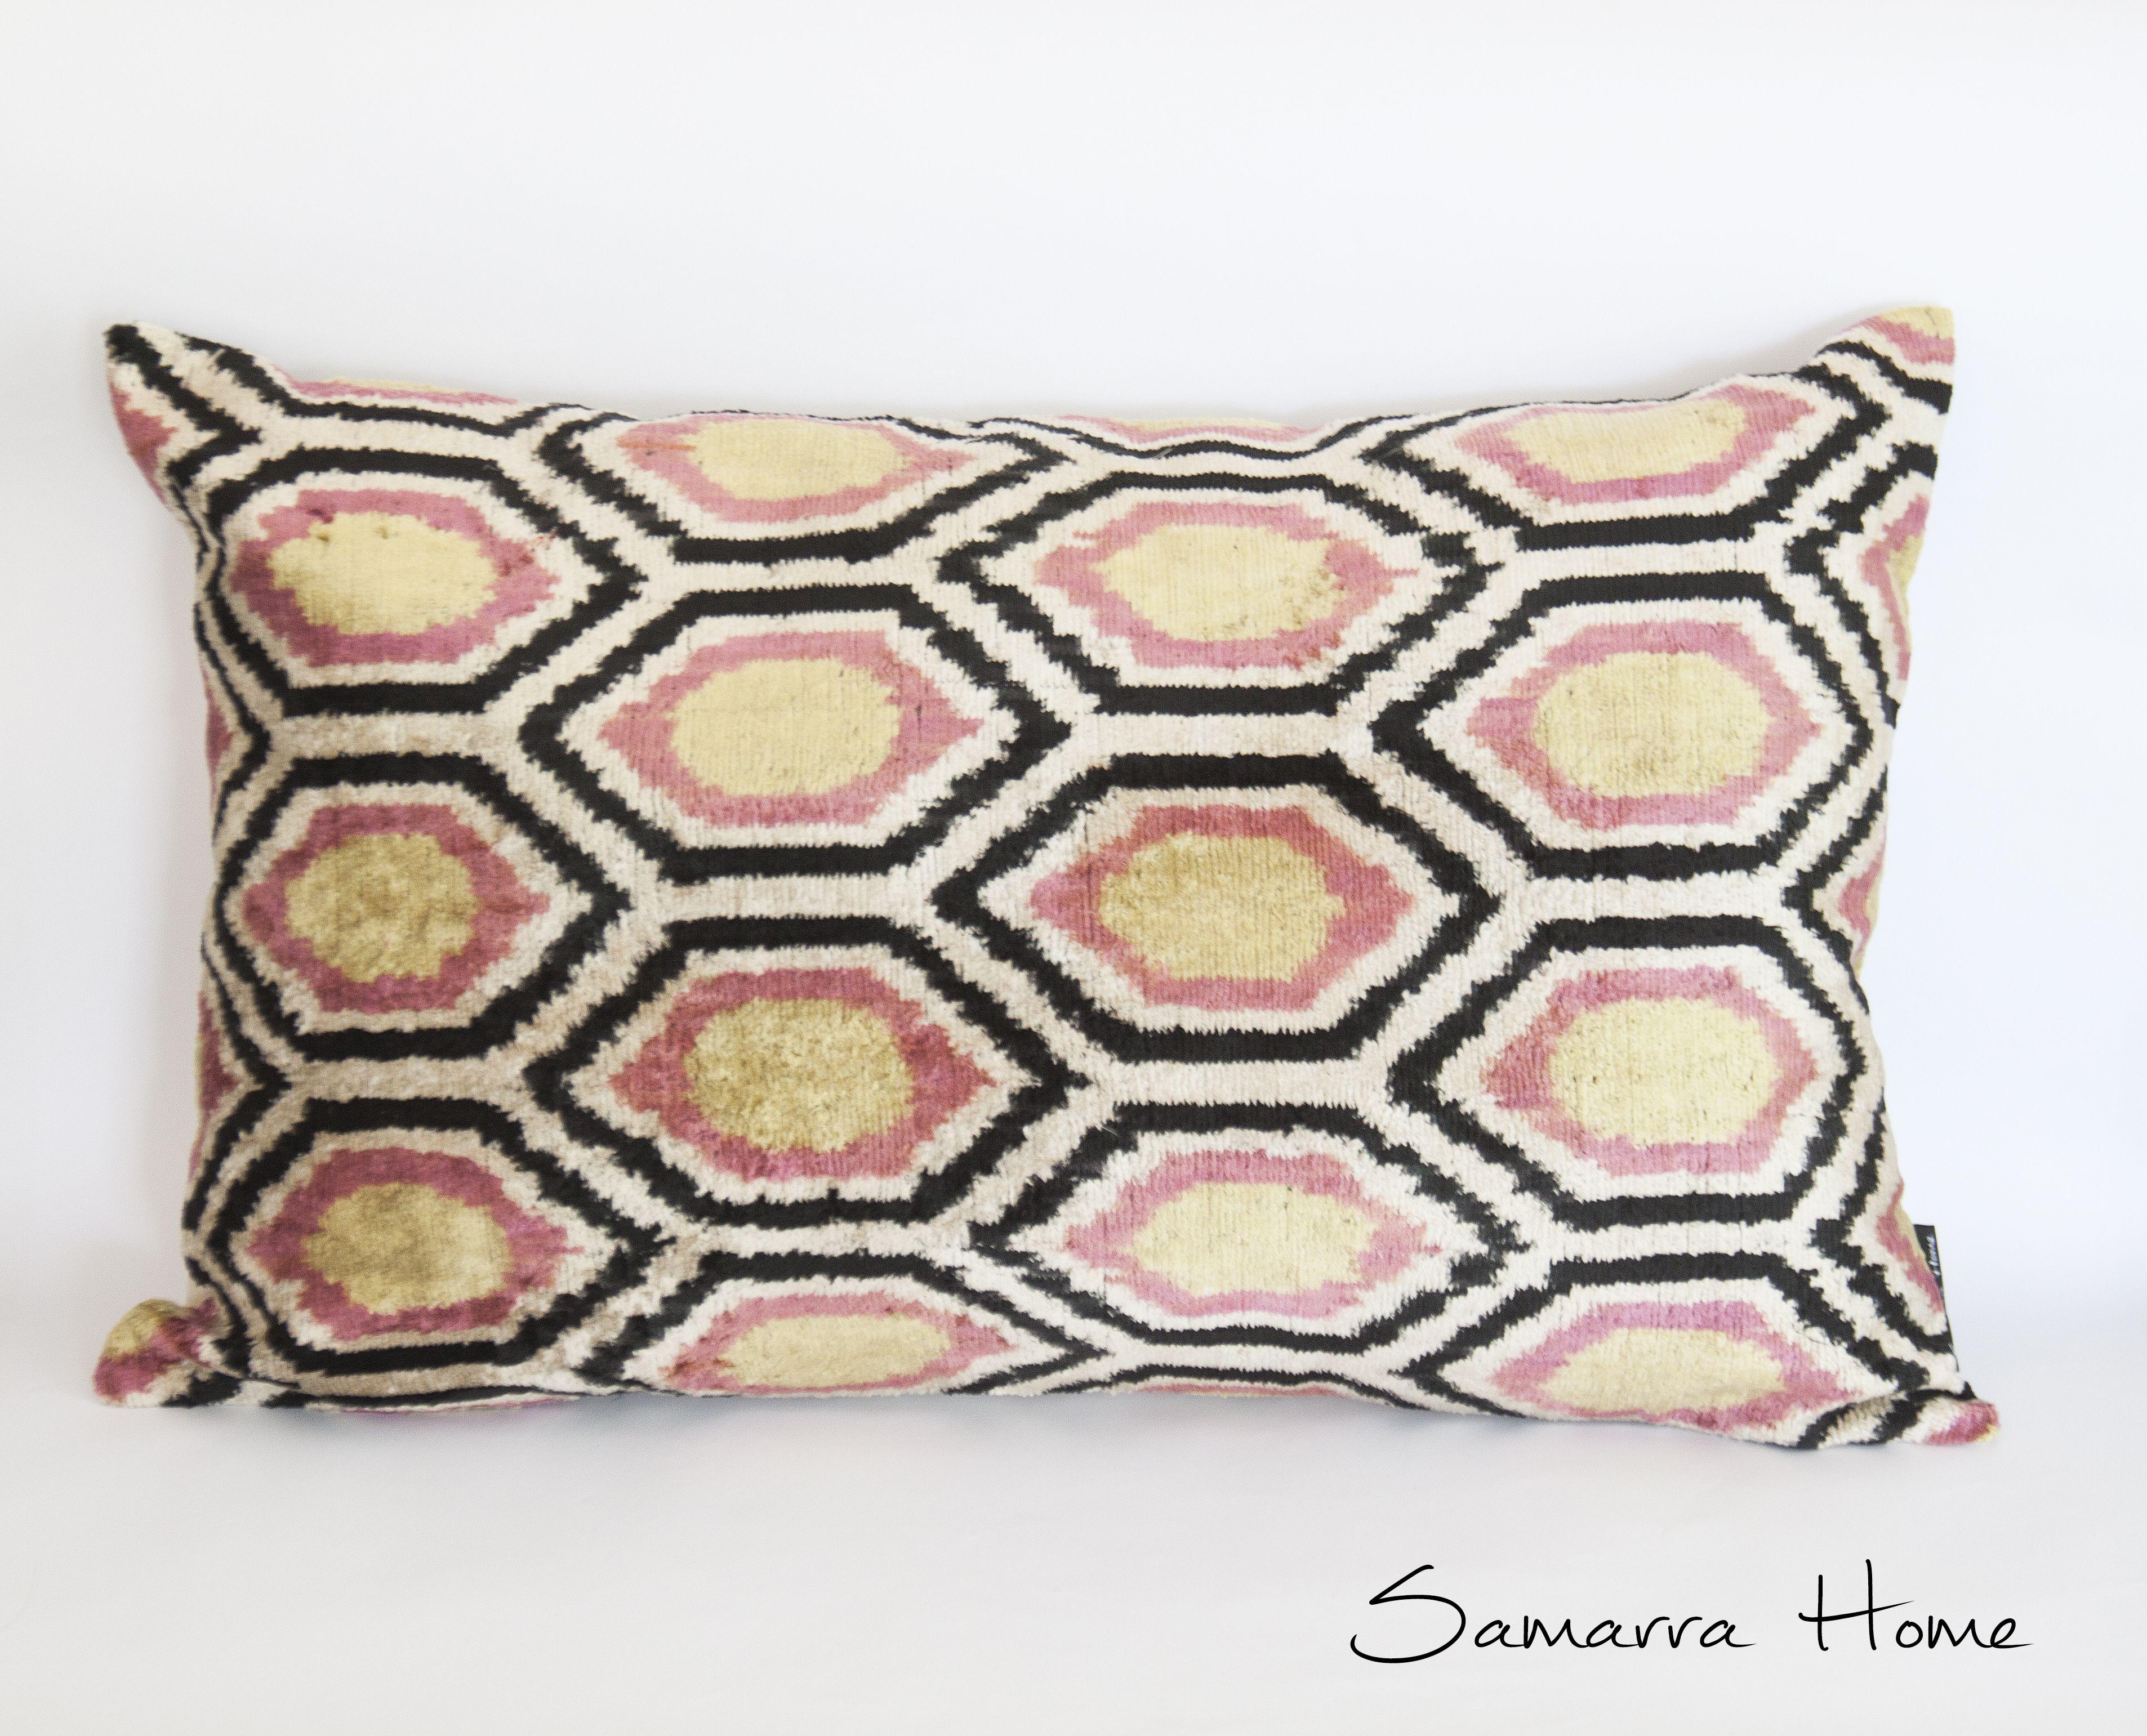 Geometric Pillowcase, Pink Ikat Pillow Cover, Silk Ikat Pillowcase, Velvet Ikat Cushion Cover, Ikat Throw Pillows, Velvet Lumbar Pillows